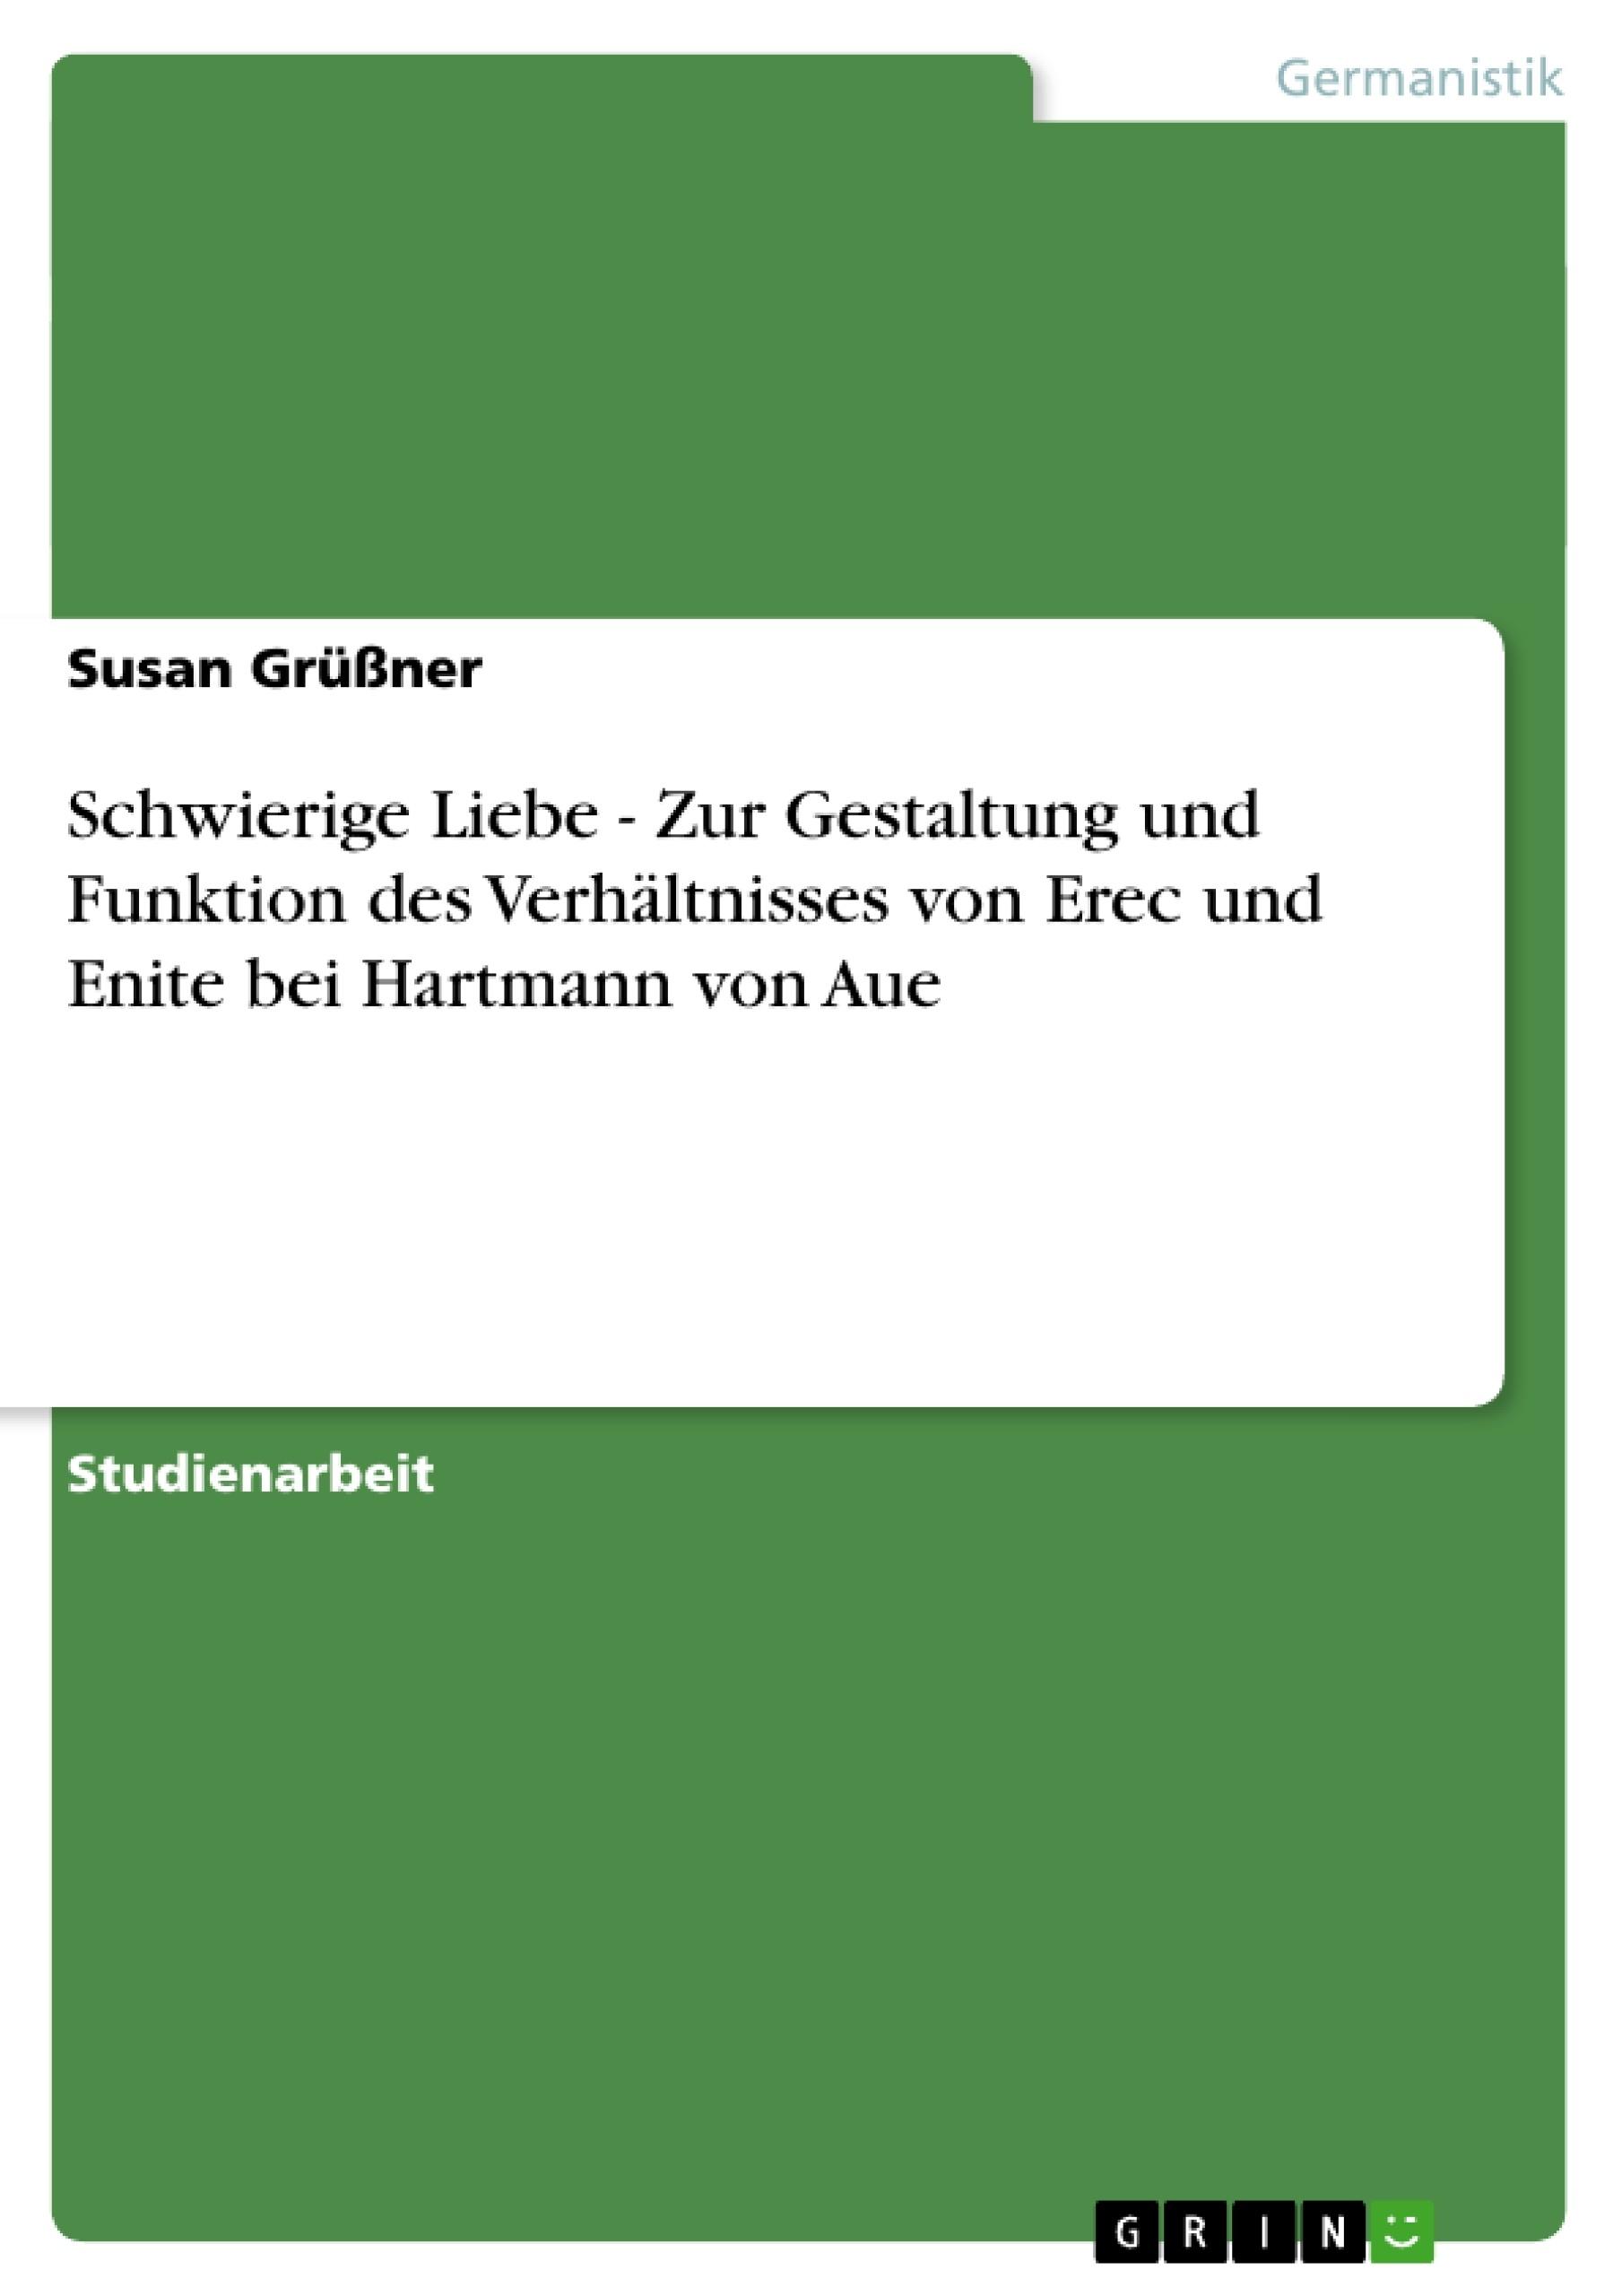 Titel: Schwierige Liebe - Zur Gestaltung und Funktion des Verhältnisses von Erec und Enite bei Hartmann von Aue